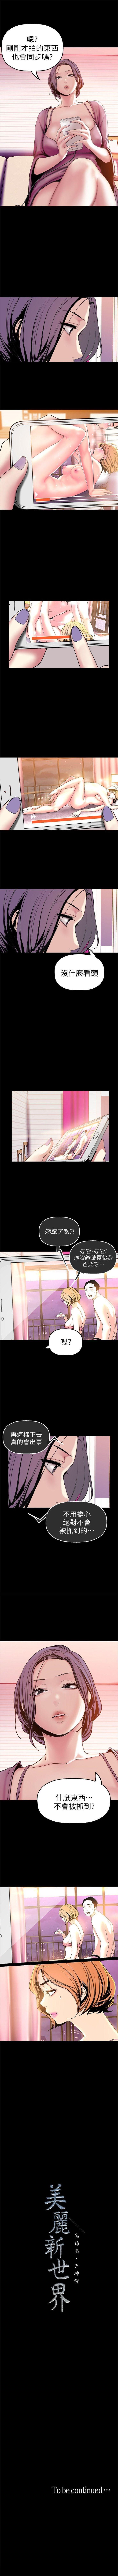 (週1)美麗新世界 1-70 中文翻譯 (更新中) 248